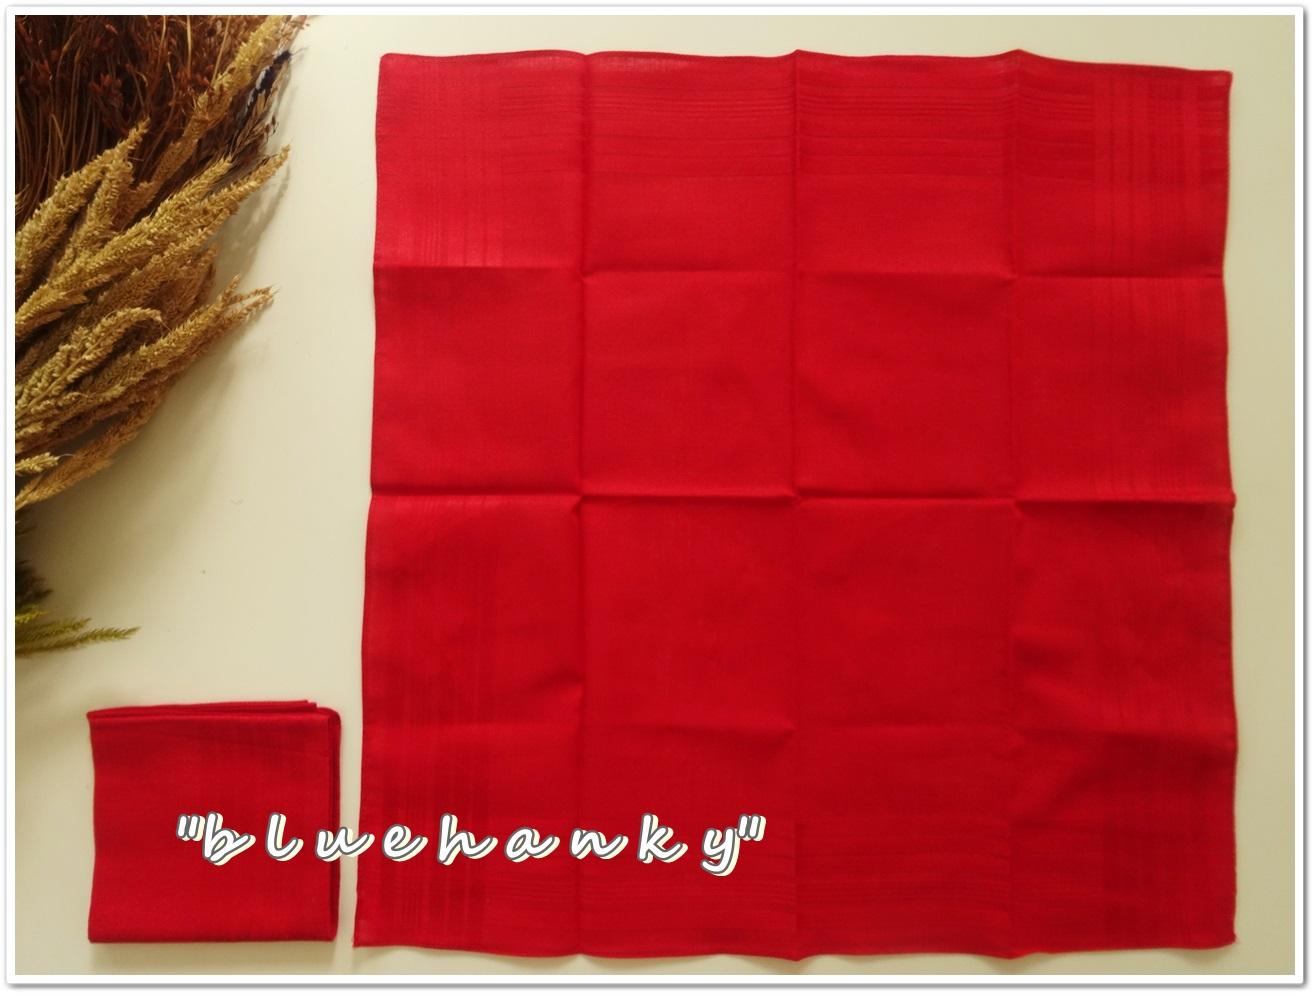 ผ้าเช็ดหน้าสีพื้น สีแดง